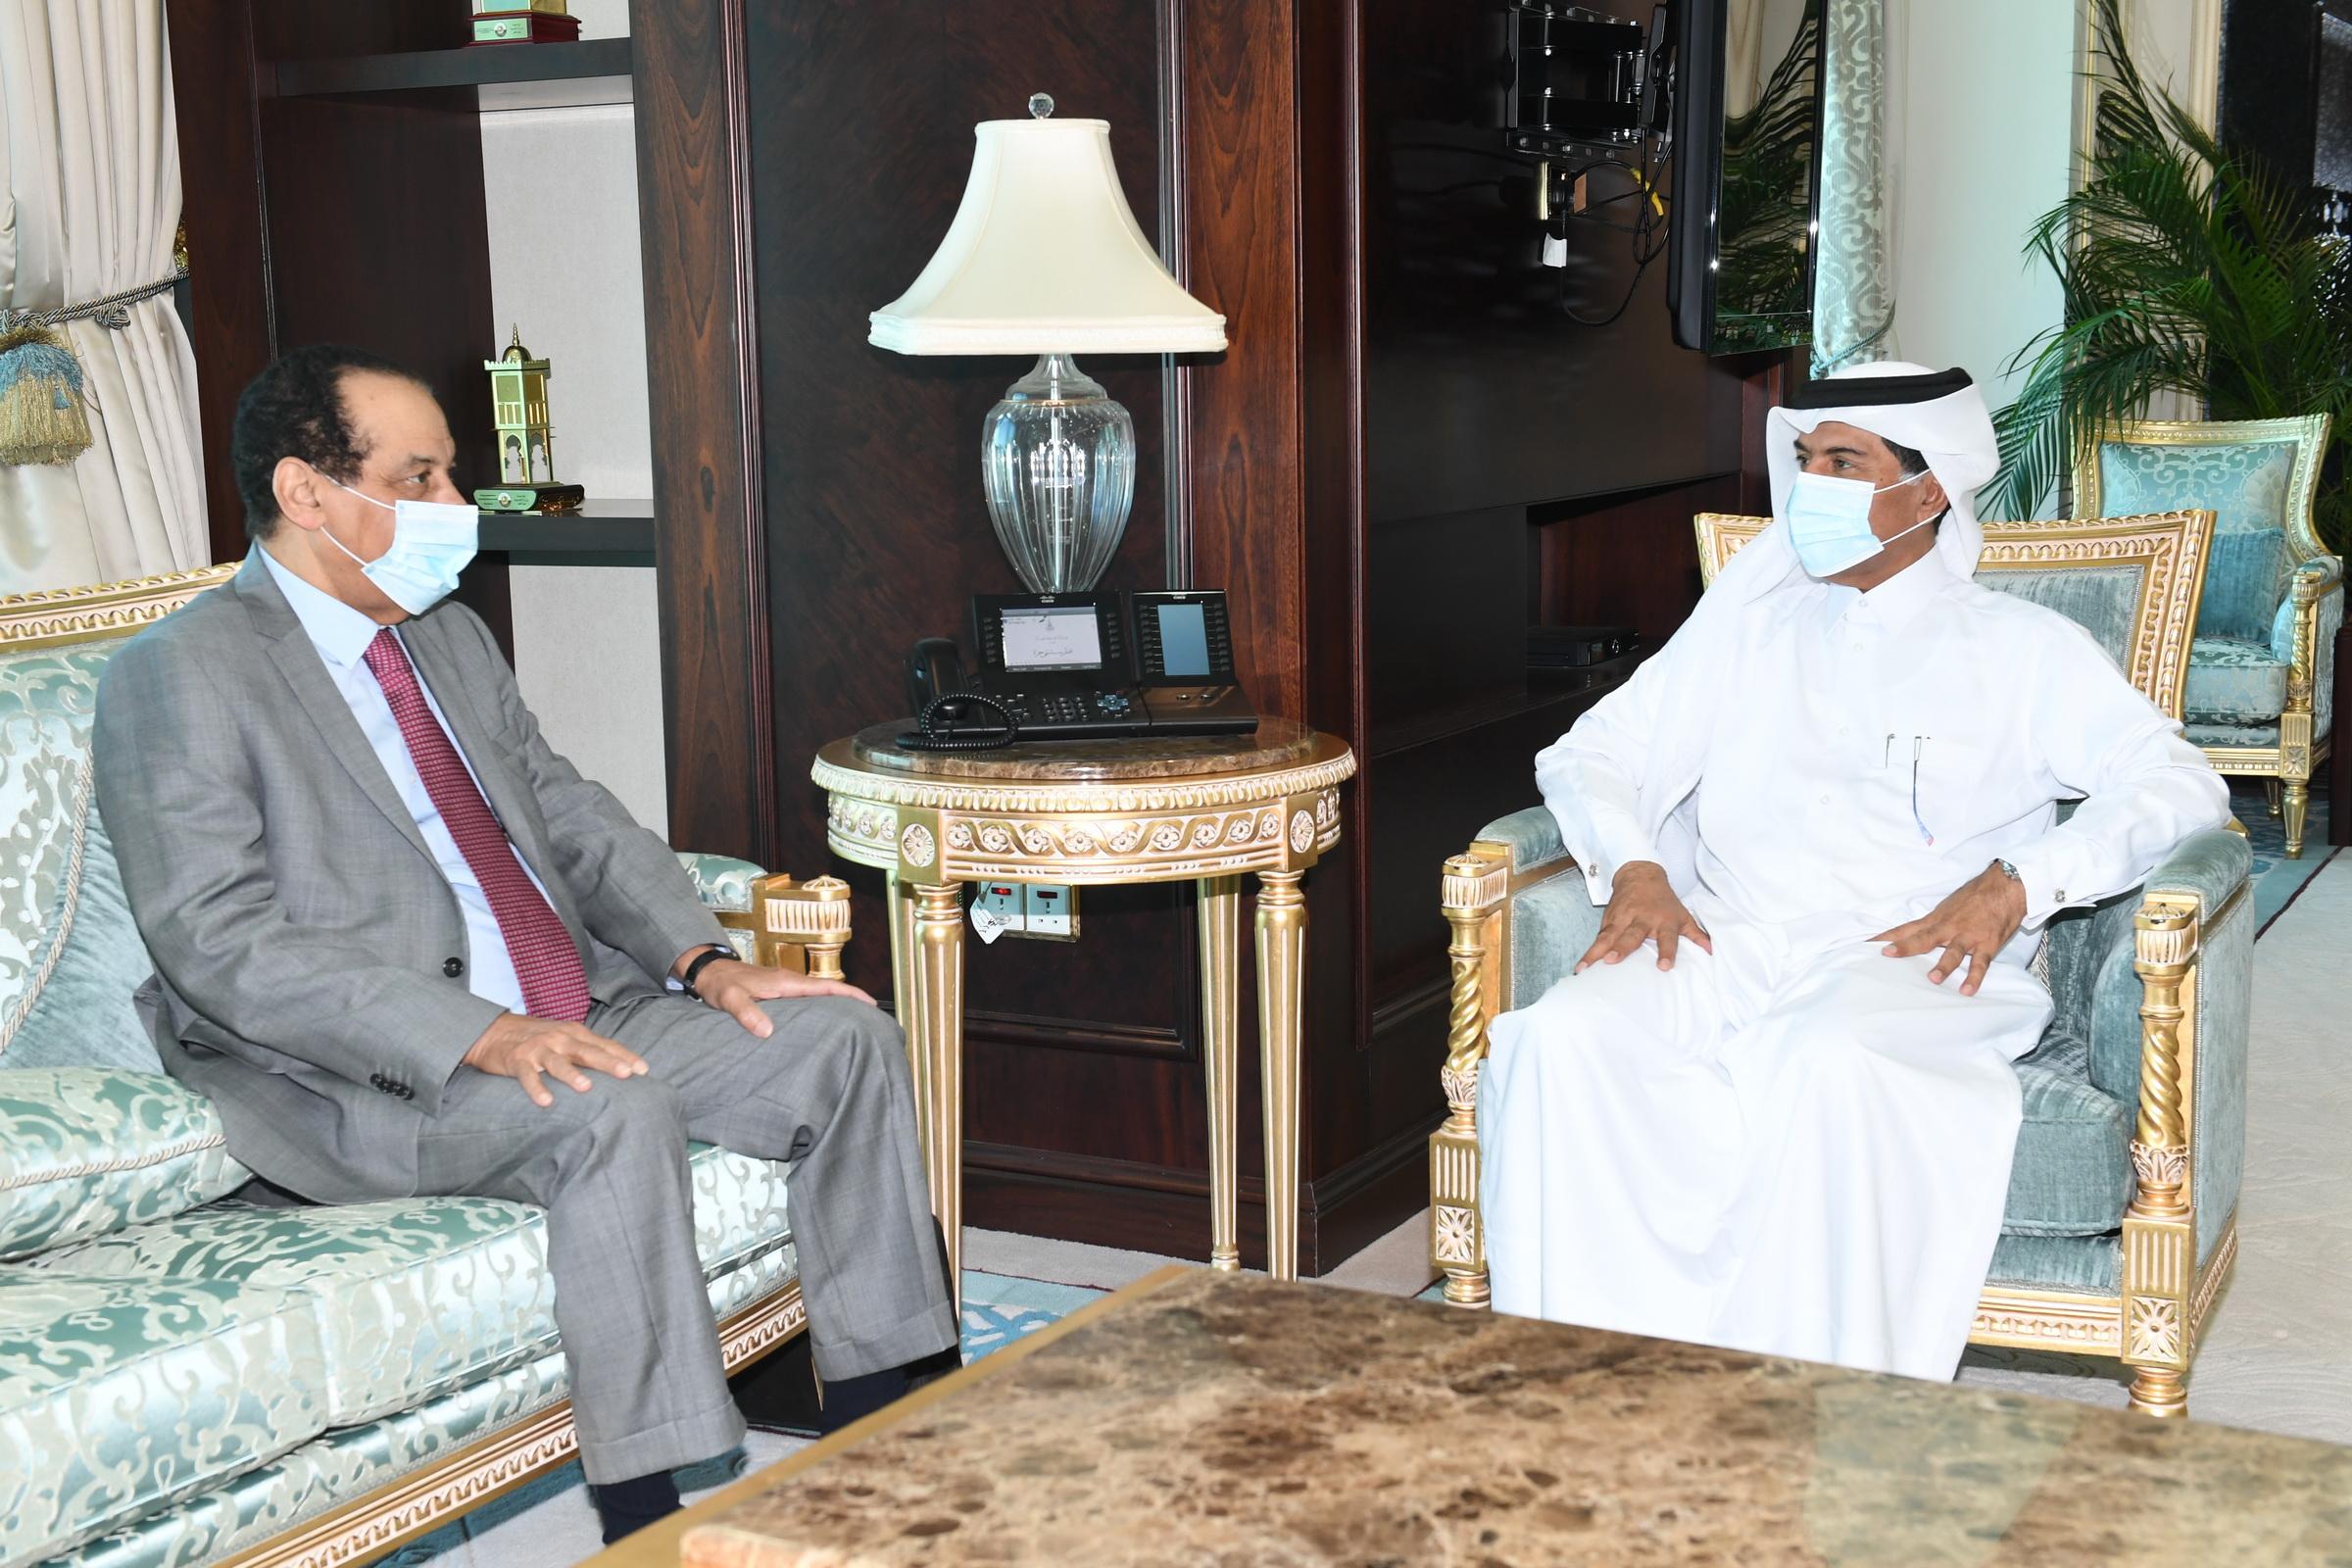 الأمين العام لوزارة الخارجية يجتمع مع مسؤول نيجري